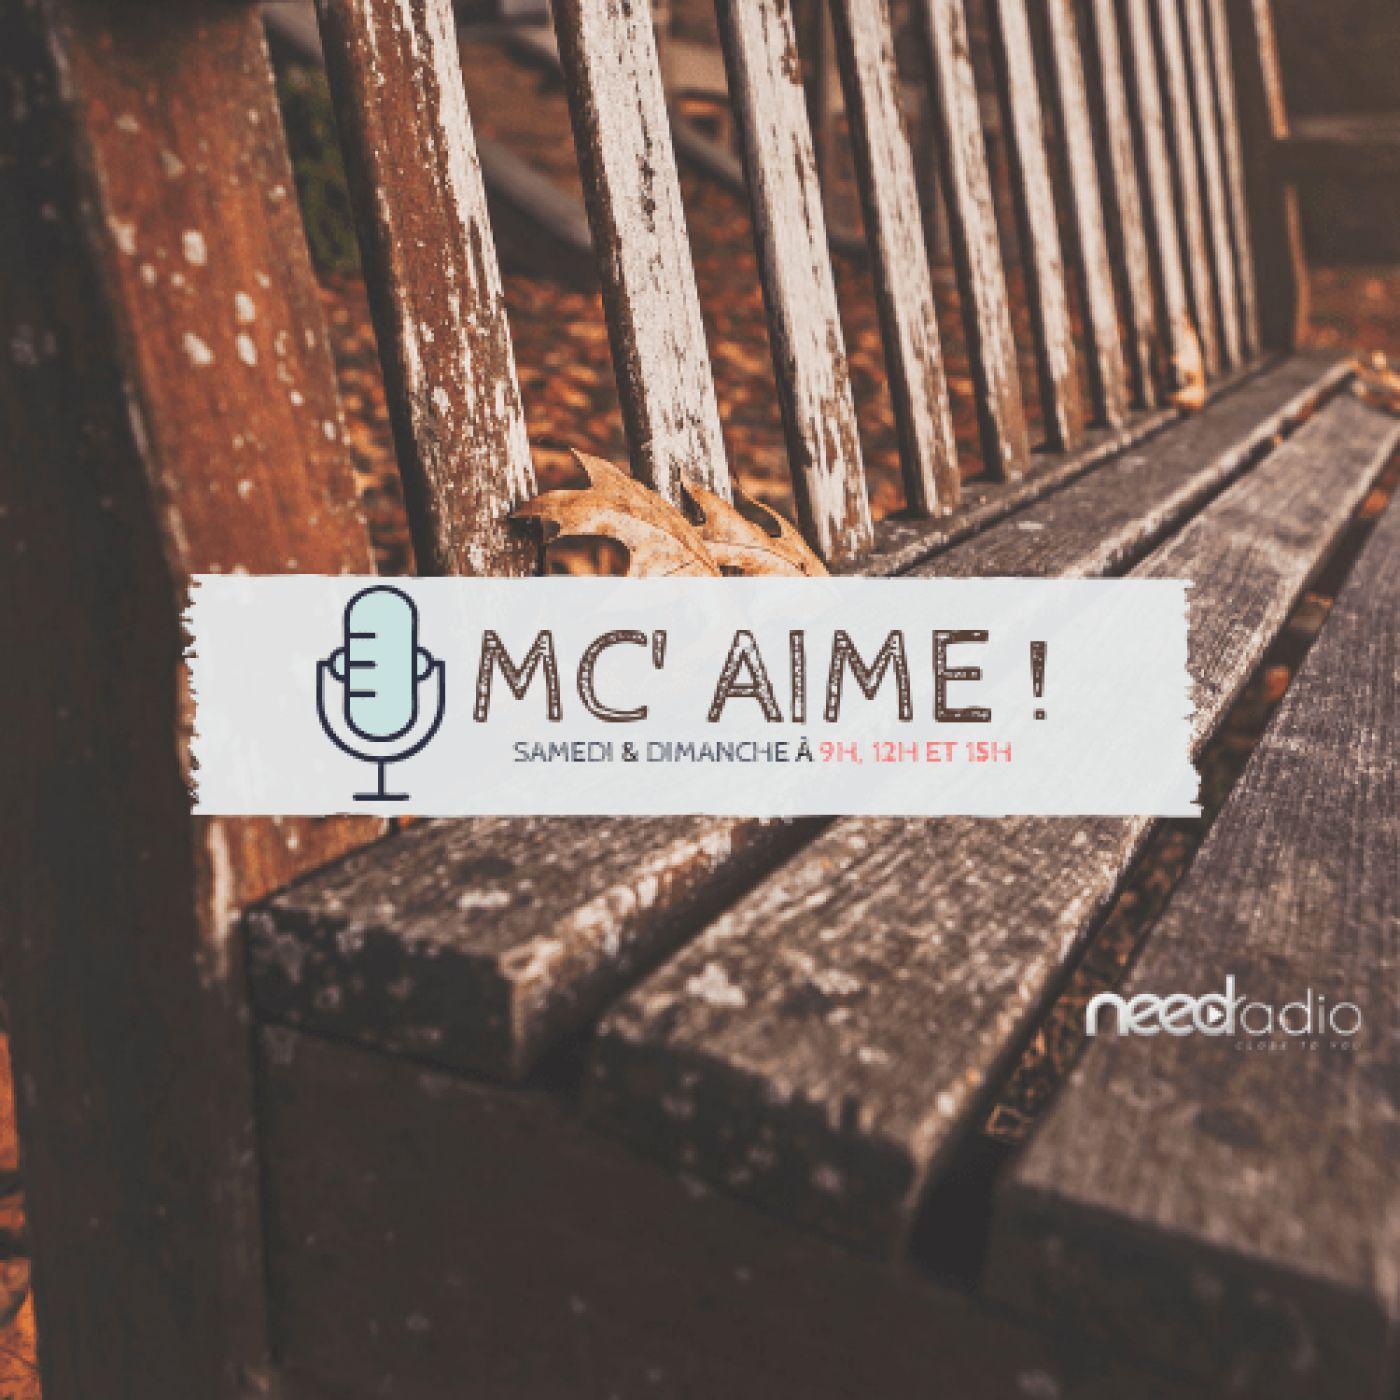 MC' Aime - Valparaiso de Karpatt (07/04/19)